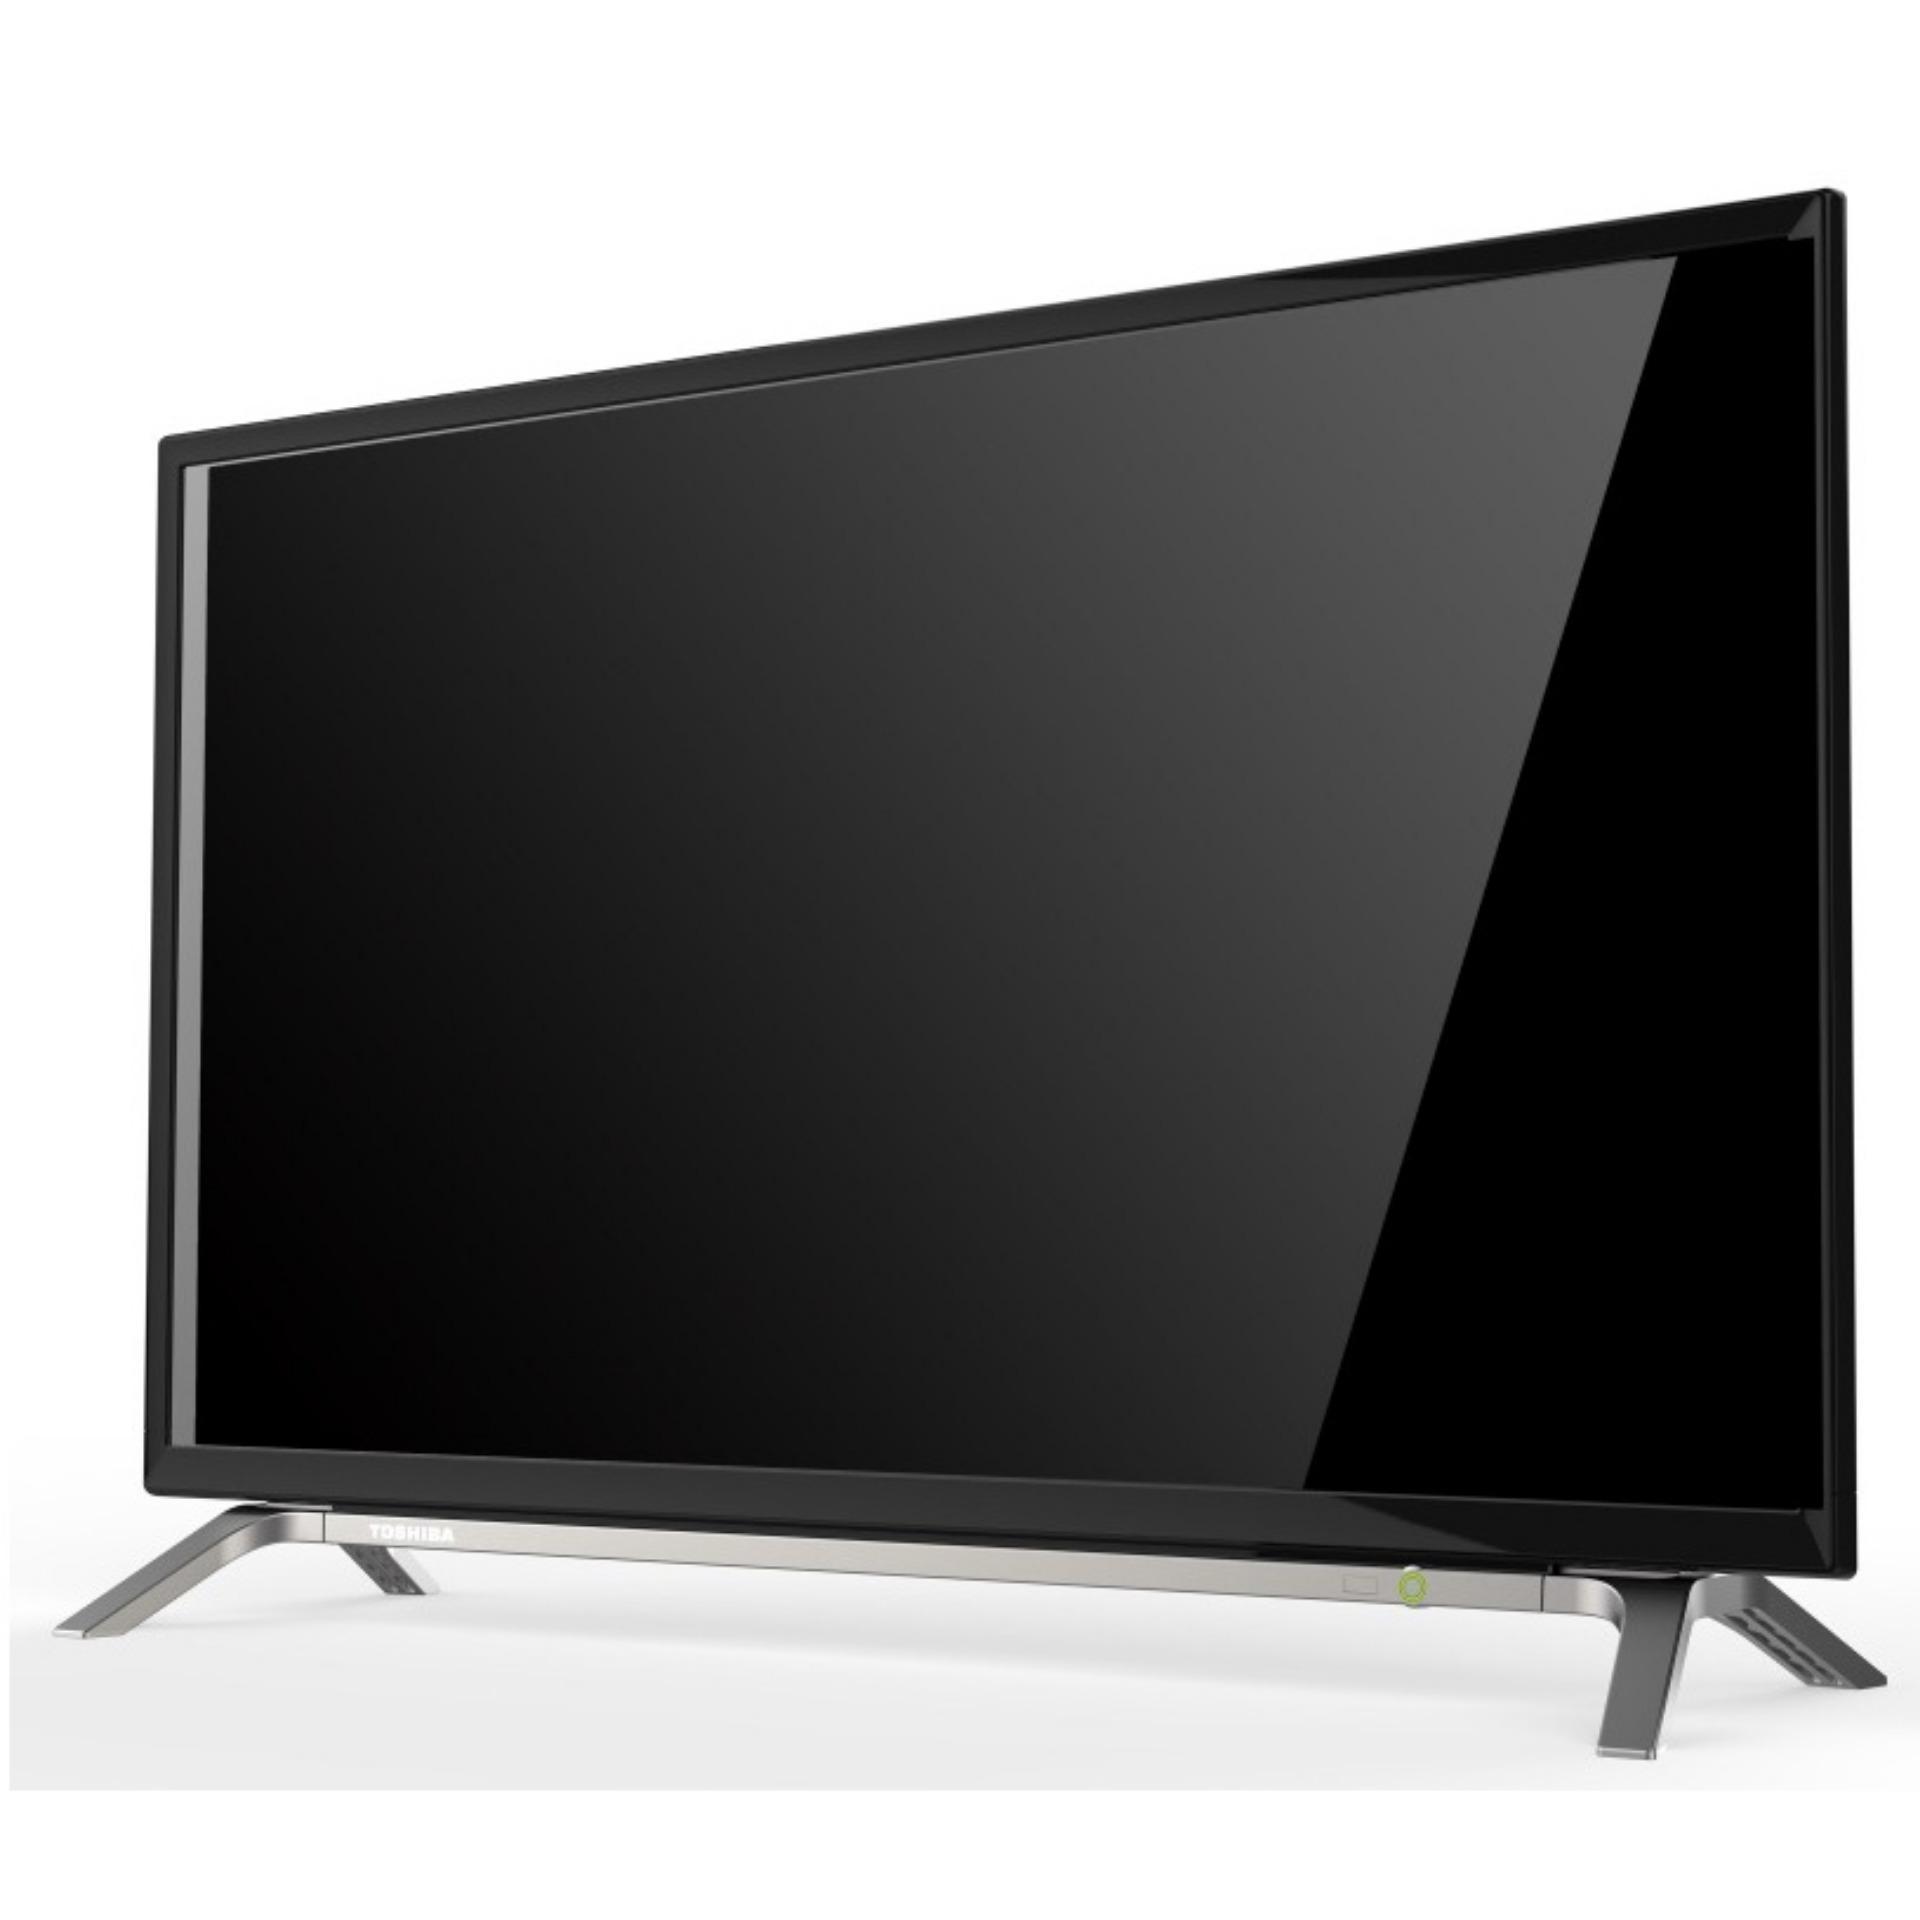 Toshiba 32L2605VJ LED TV 32 USB Movie Free Bracket Hitam Khusus Jabodetabek